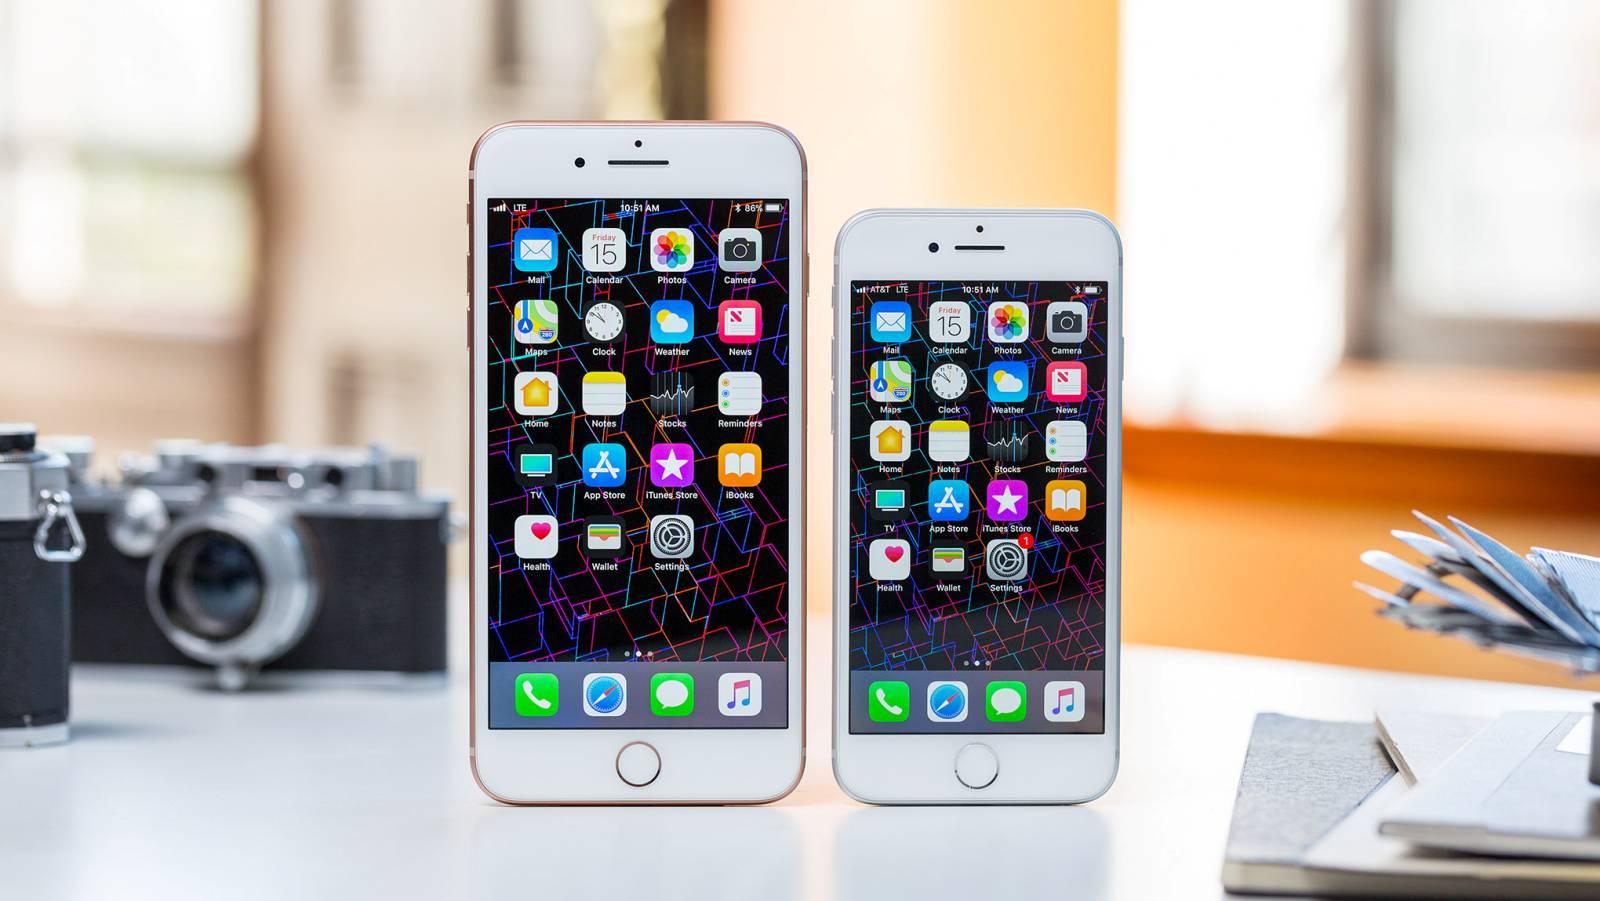 eMAG Pret REDUS iPhone 8 30 Iunie